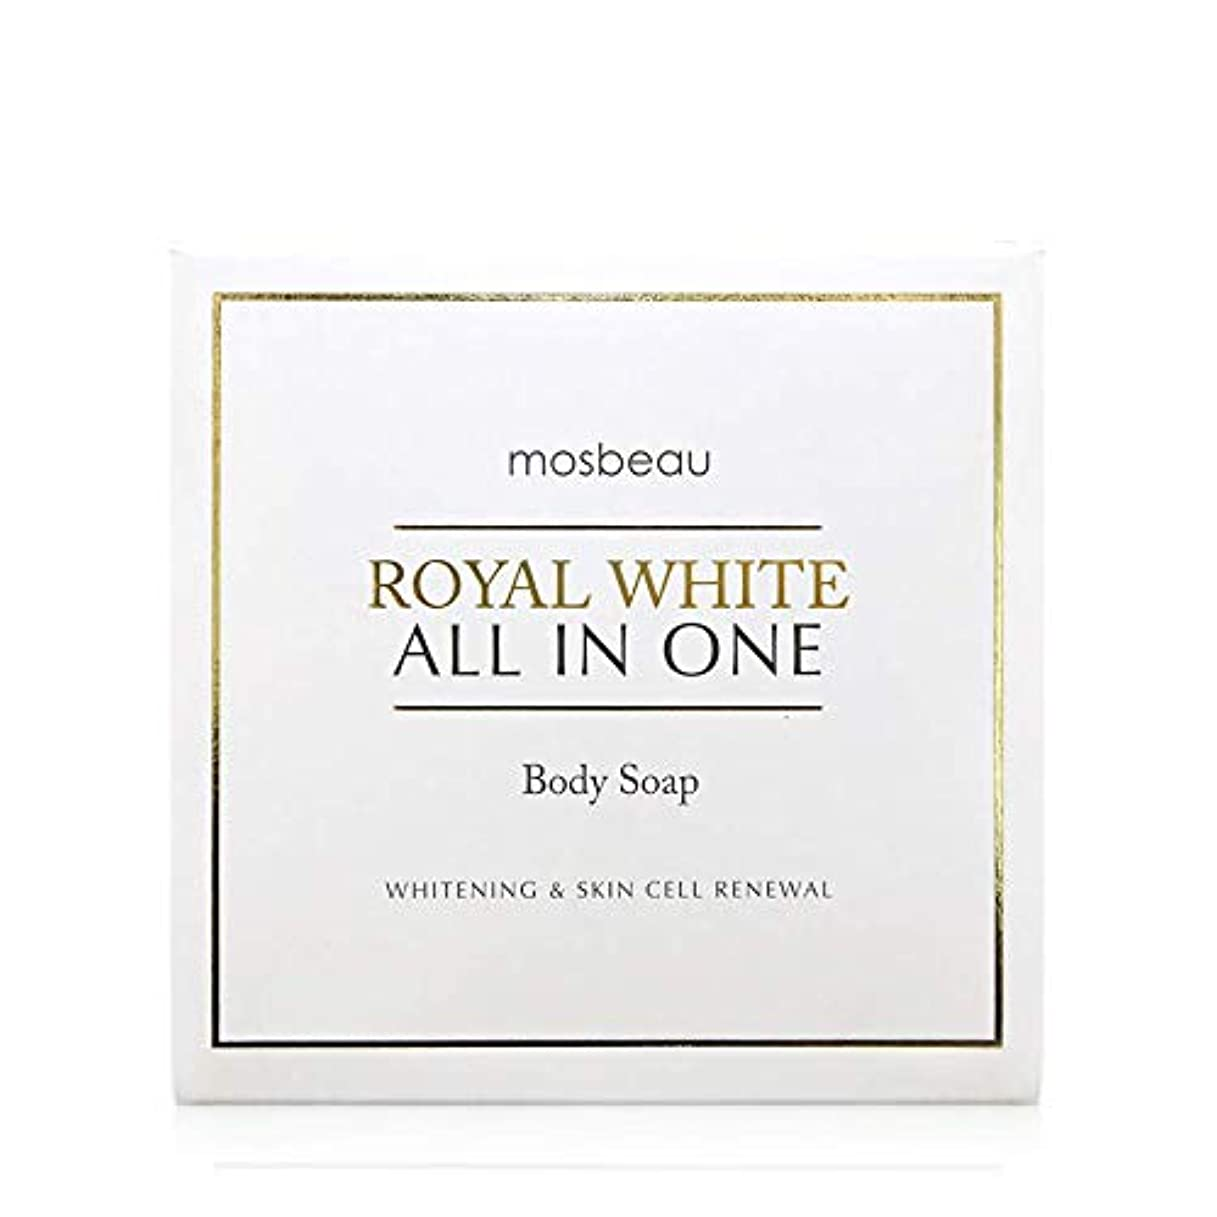 ピース重要知るmosbeau ROYAL WHITE ALL-IN-ONE BODY SOAP 100g ロィヤルホワイトオールインワンボディーソープ